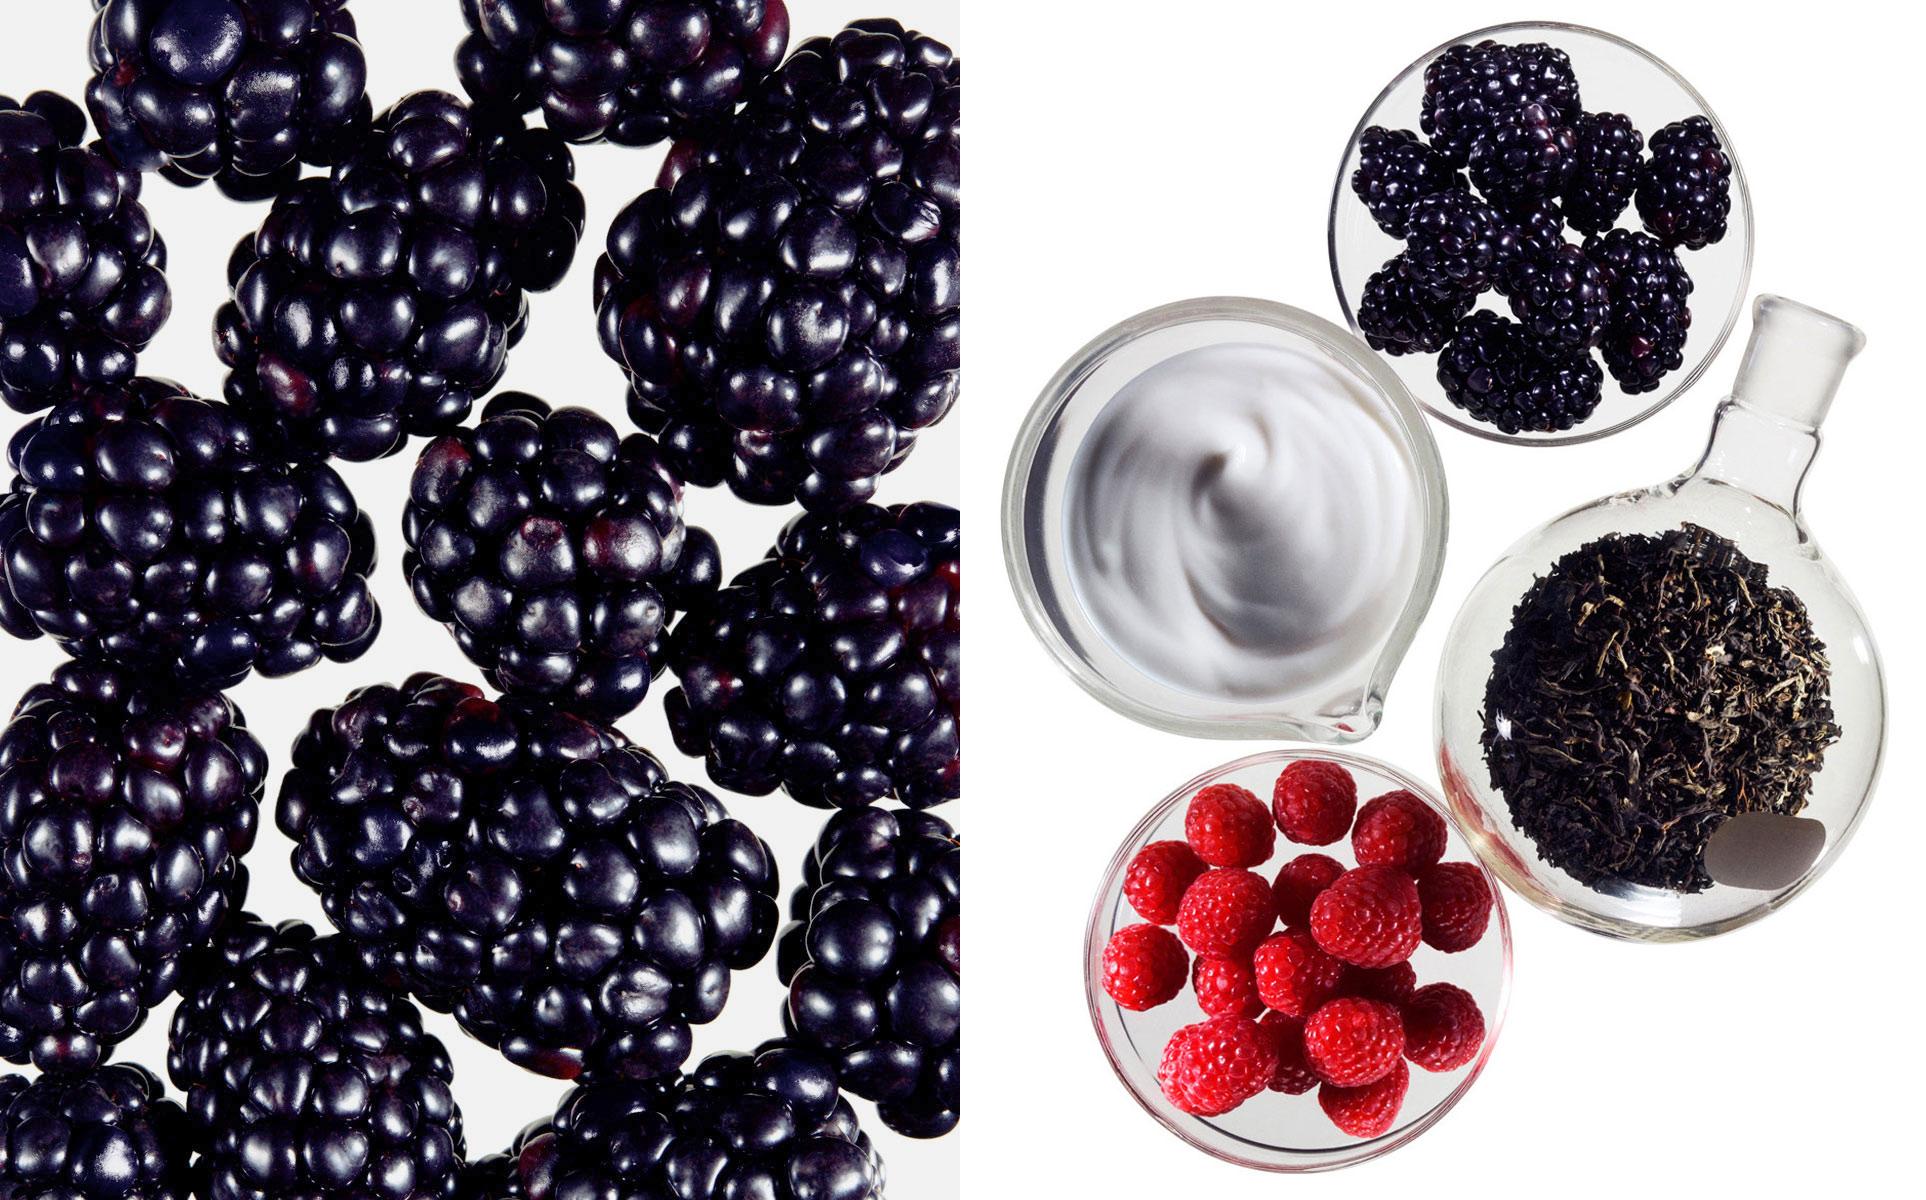 PR_1023_blberry-ingred_sq.jpg